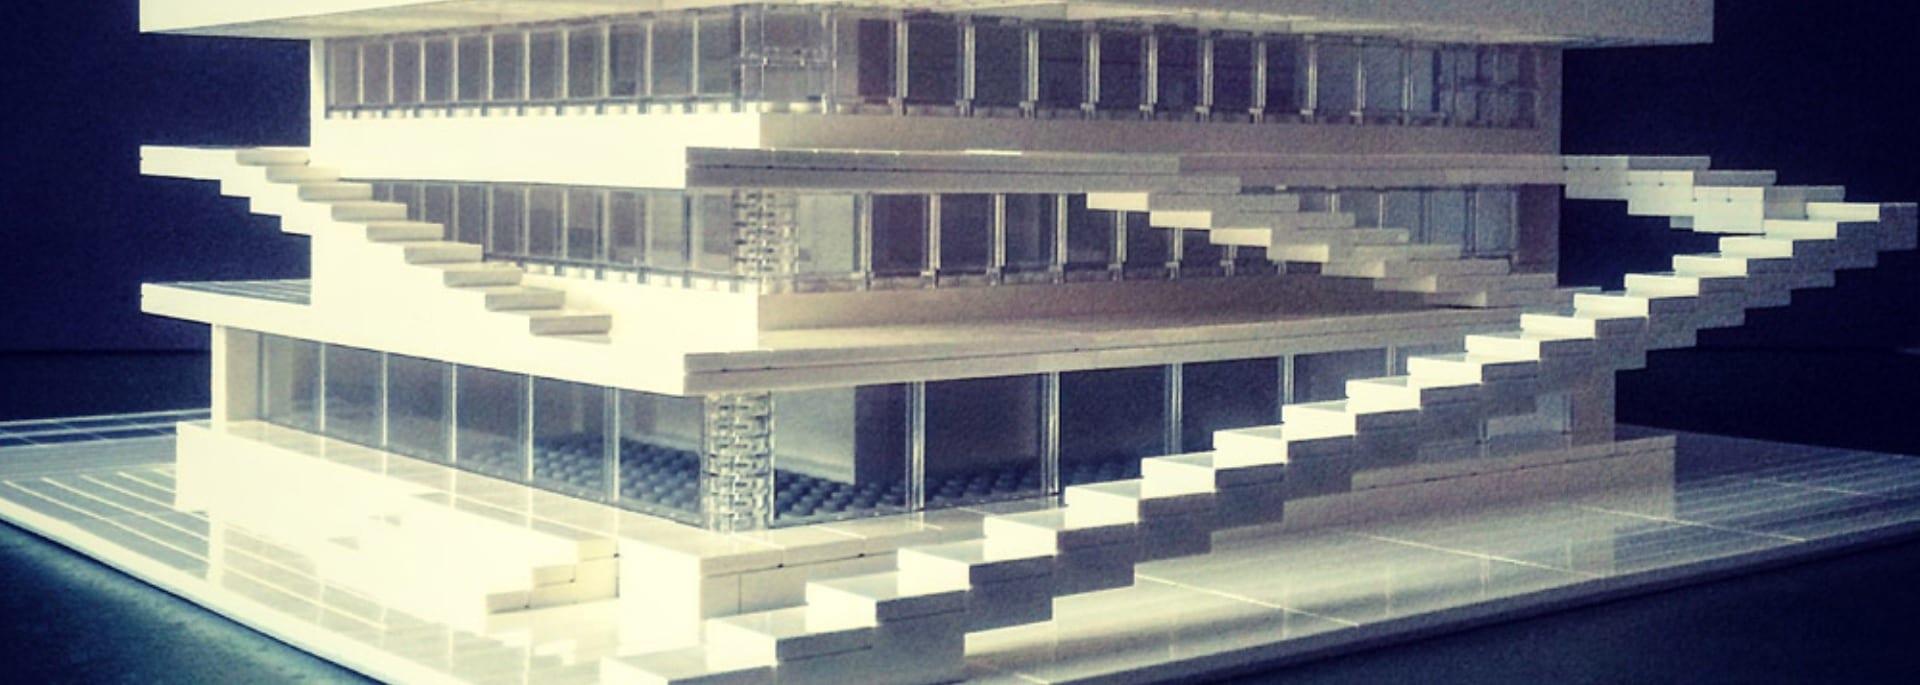 Arquitectura de lego